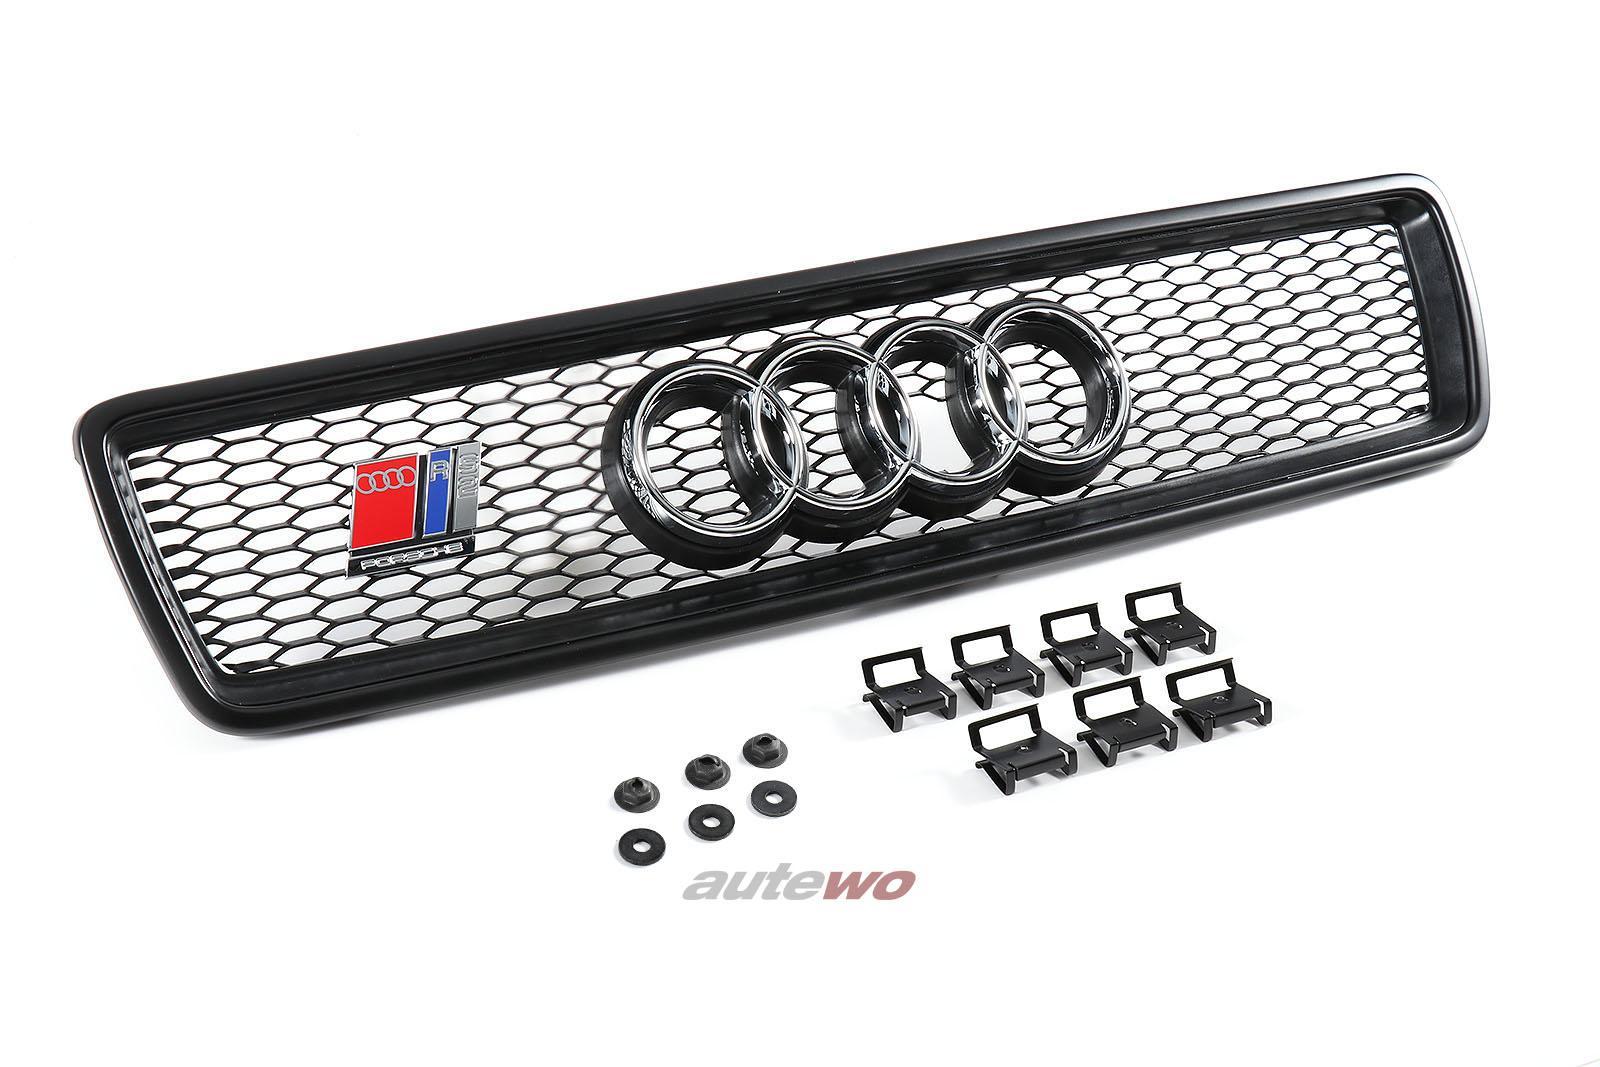 8A0854687/8A0854641 NEU Audi 80 B4/S2/RS2 P1 original Kühlergrill + Emblem